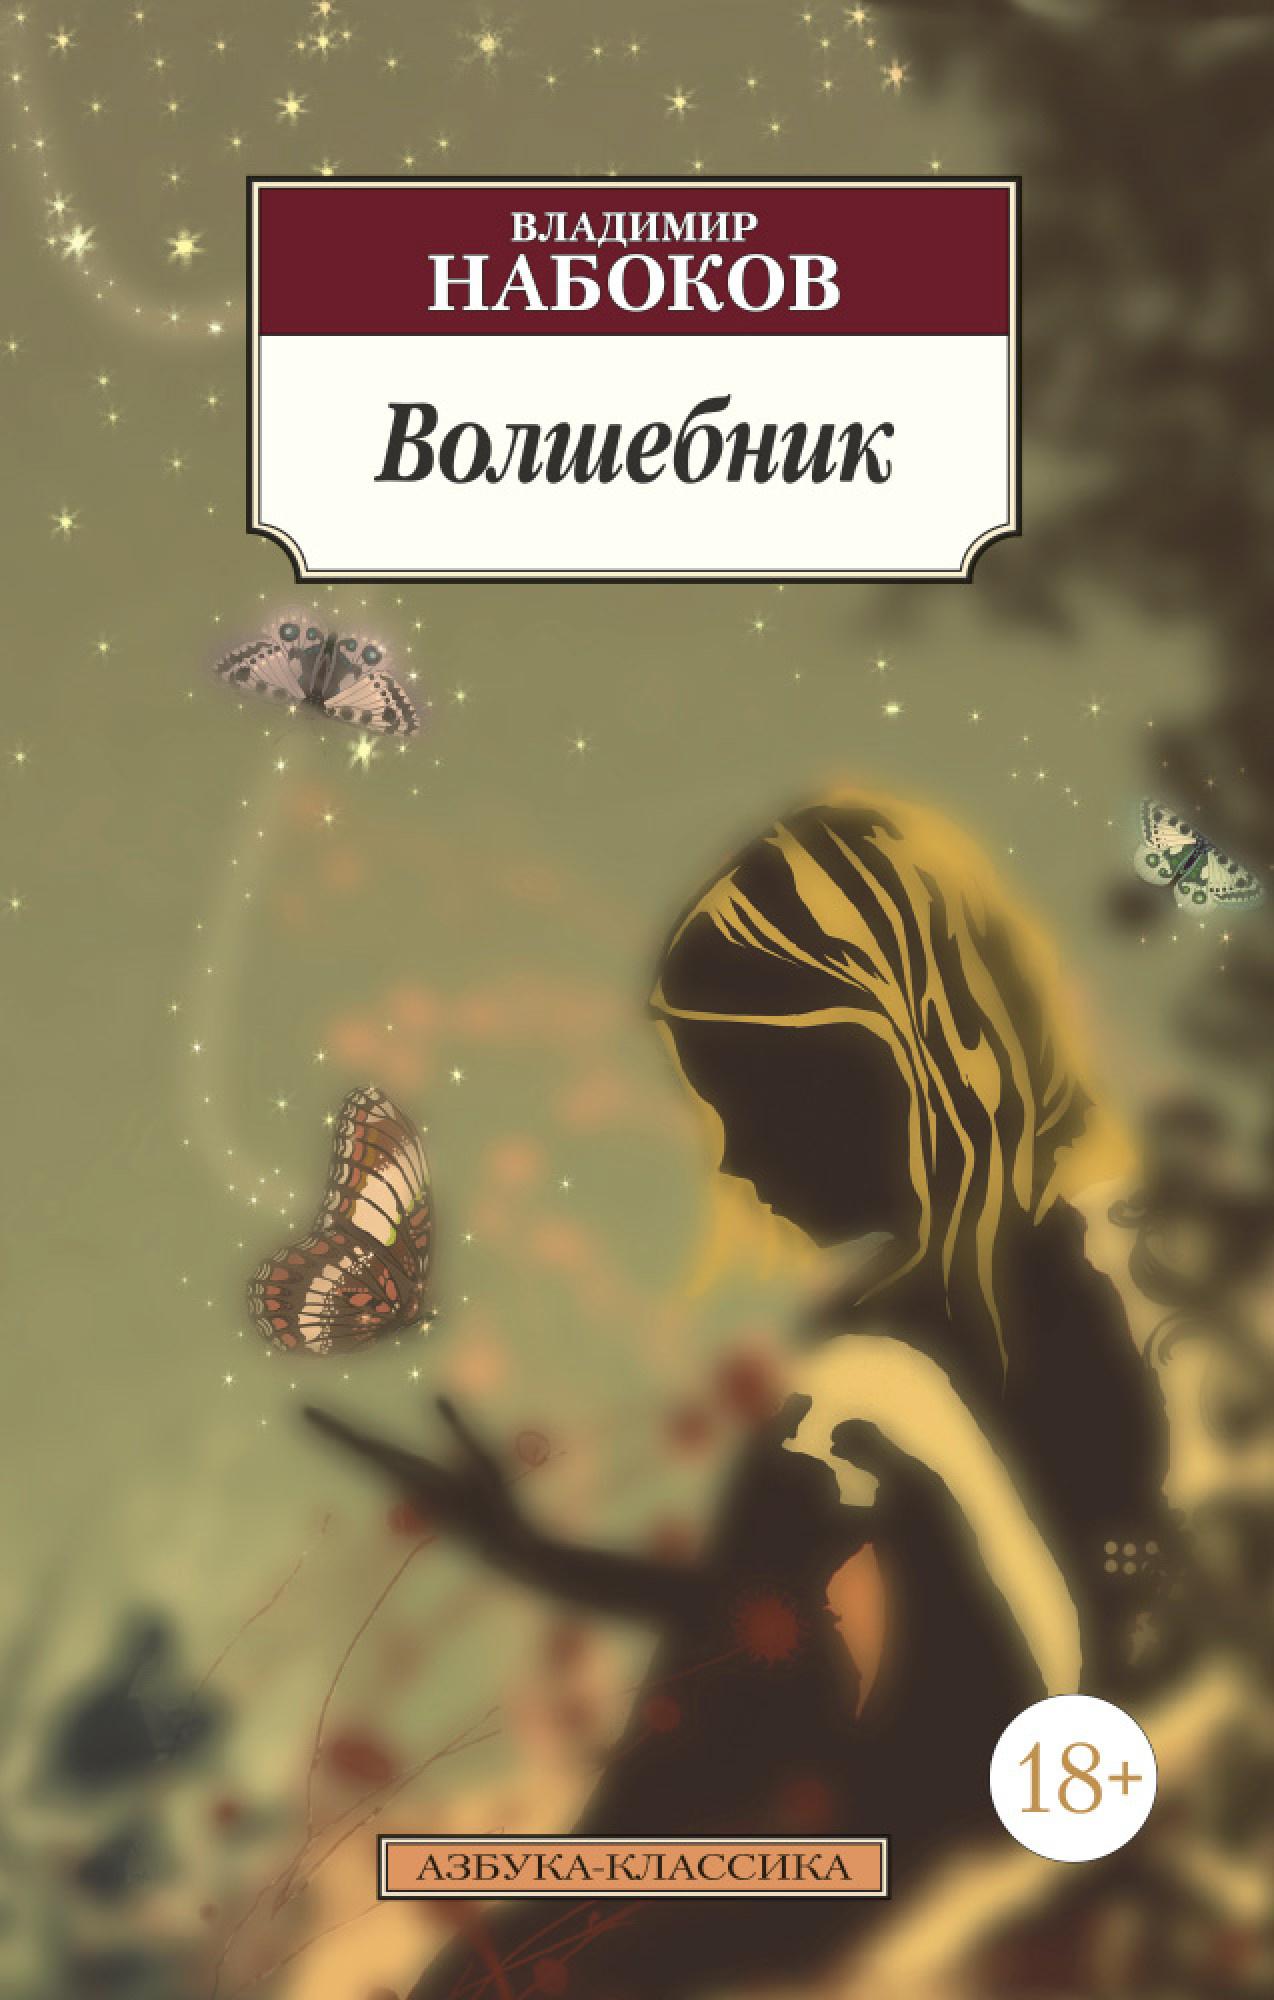 Волшебник. Автор — Владимир Набоков. Переплет —